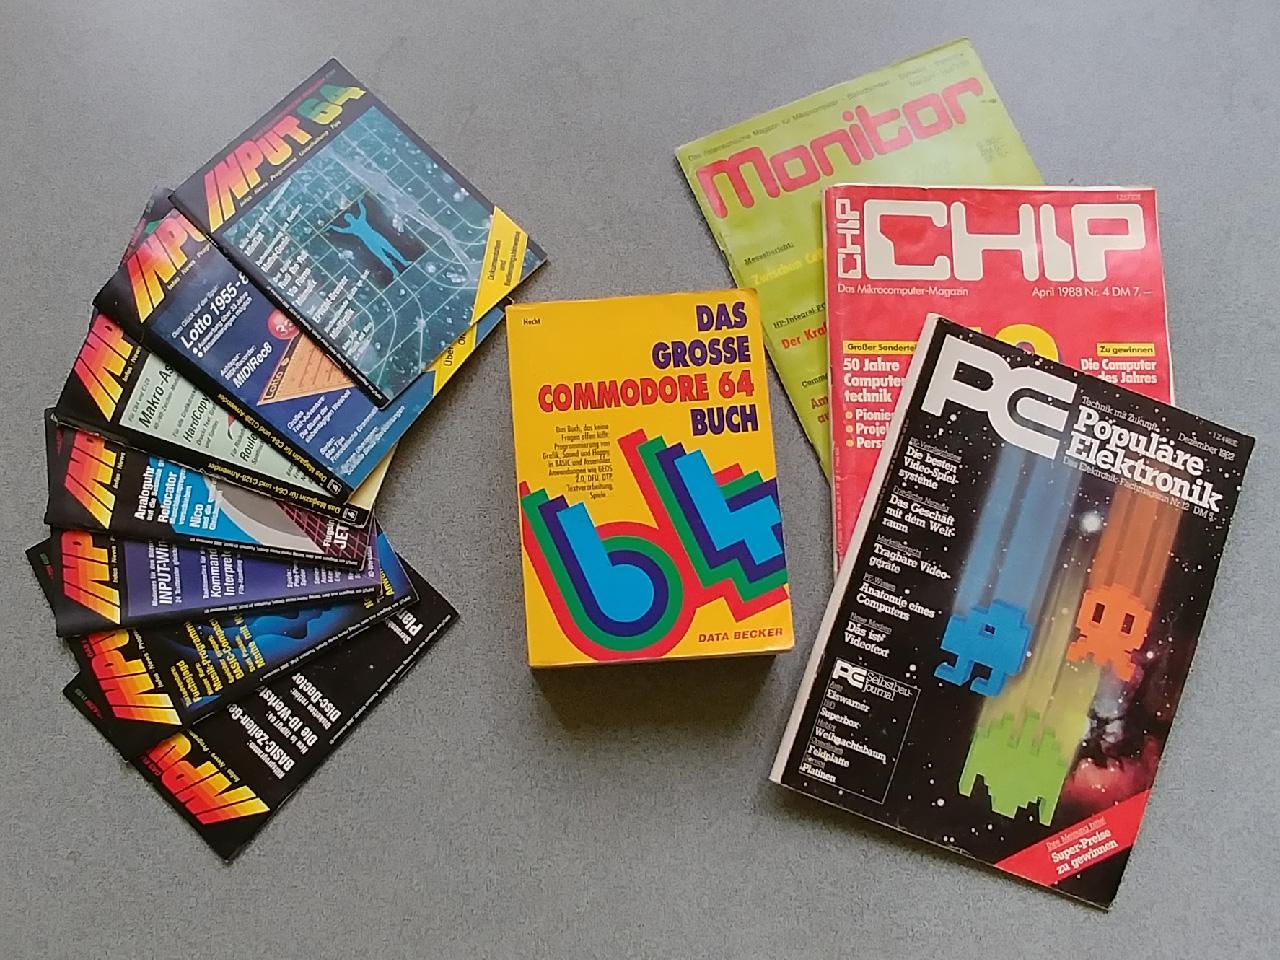 """Das Taschengeld wurde zum Teil für diverse Magazine und auch Fachbücher, wie """"Das große Commodore 64 Buch"""" ausgegeben. (Bild: Leopold Brodecky)"""